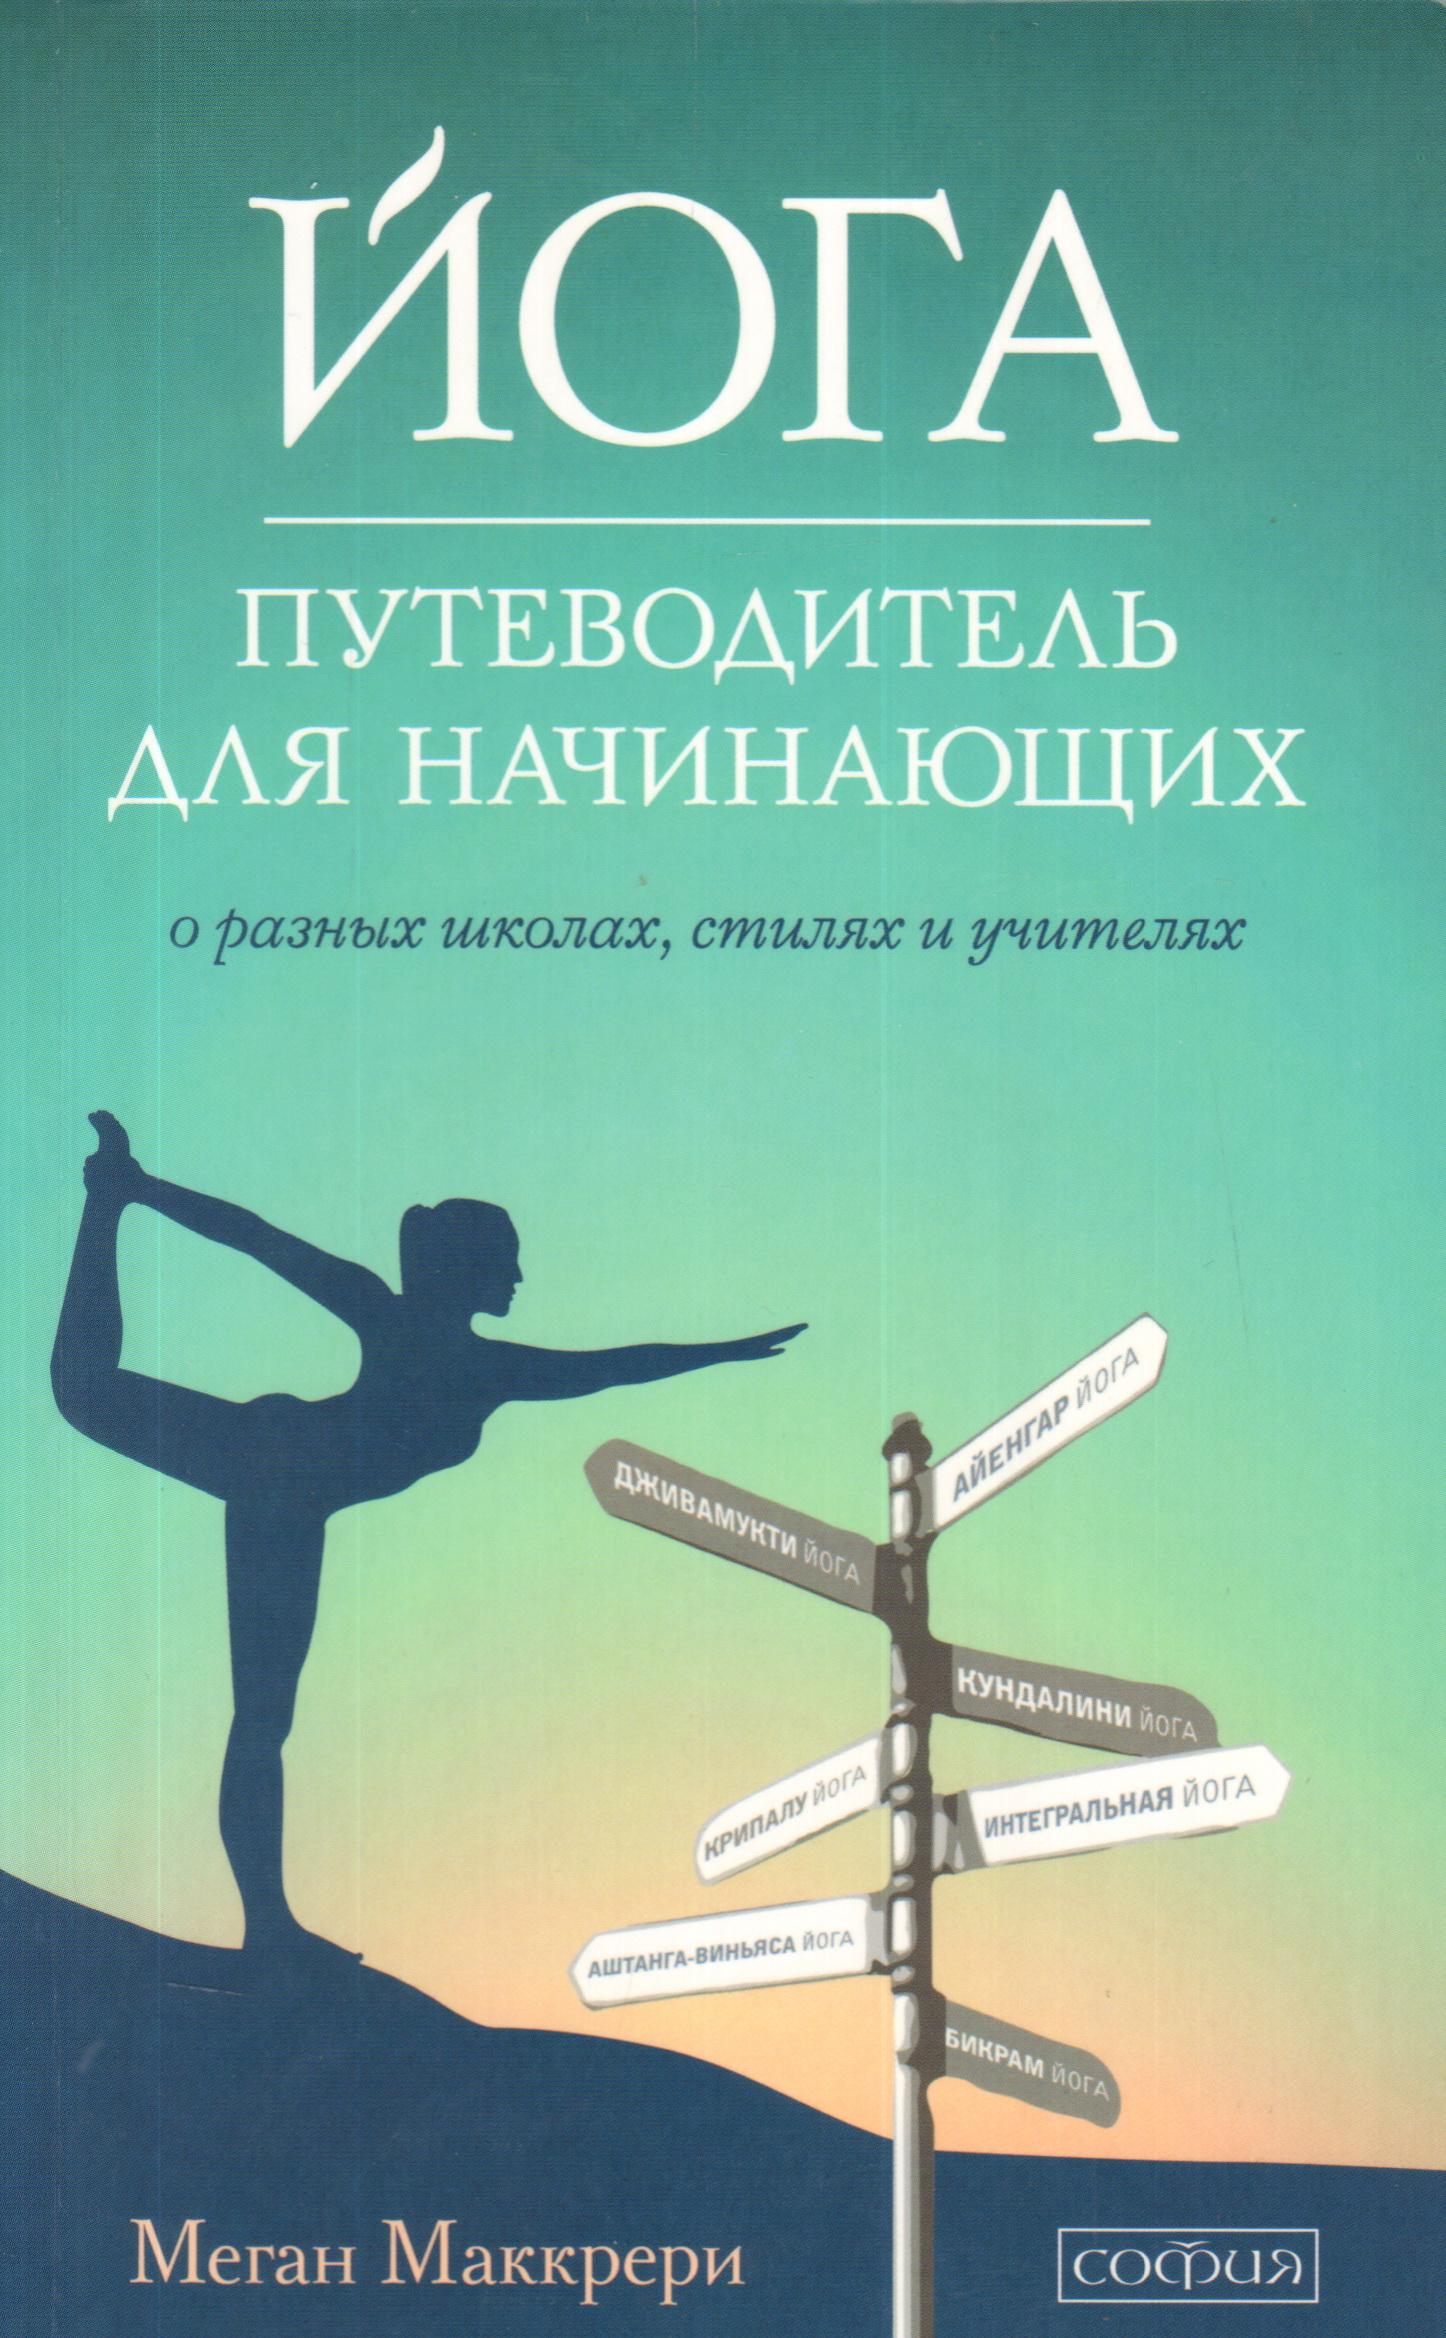 Йога. Путеводитель для начинающих: О разных школах, стилях и учителях